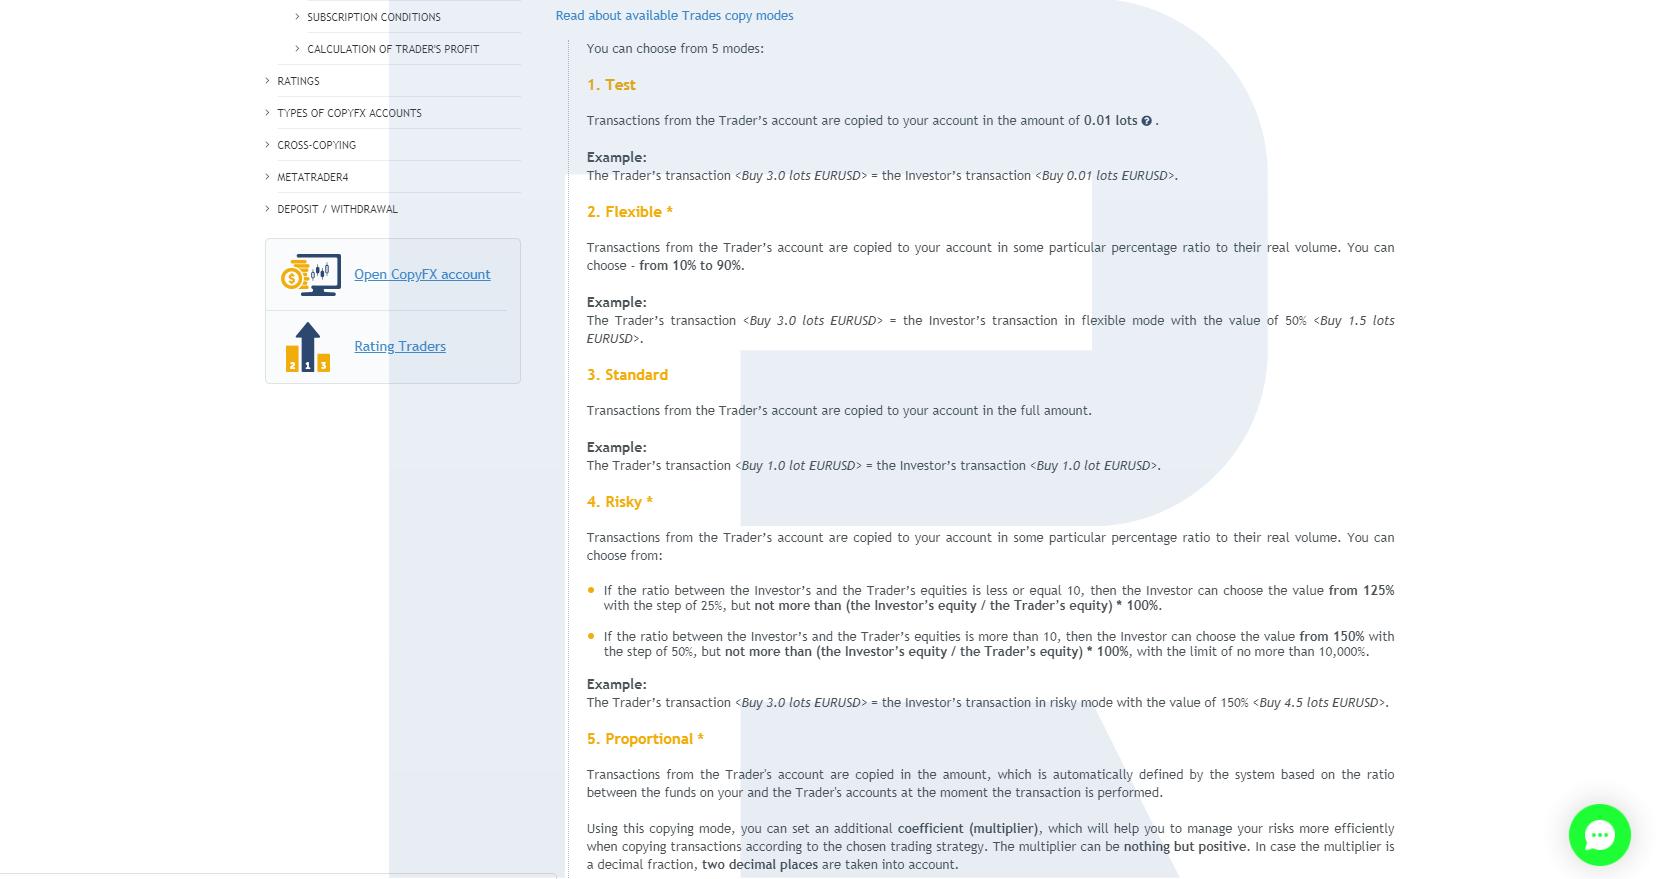 darījumu kopēšana no demo kontiem)